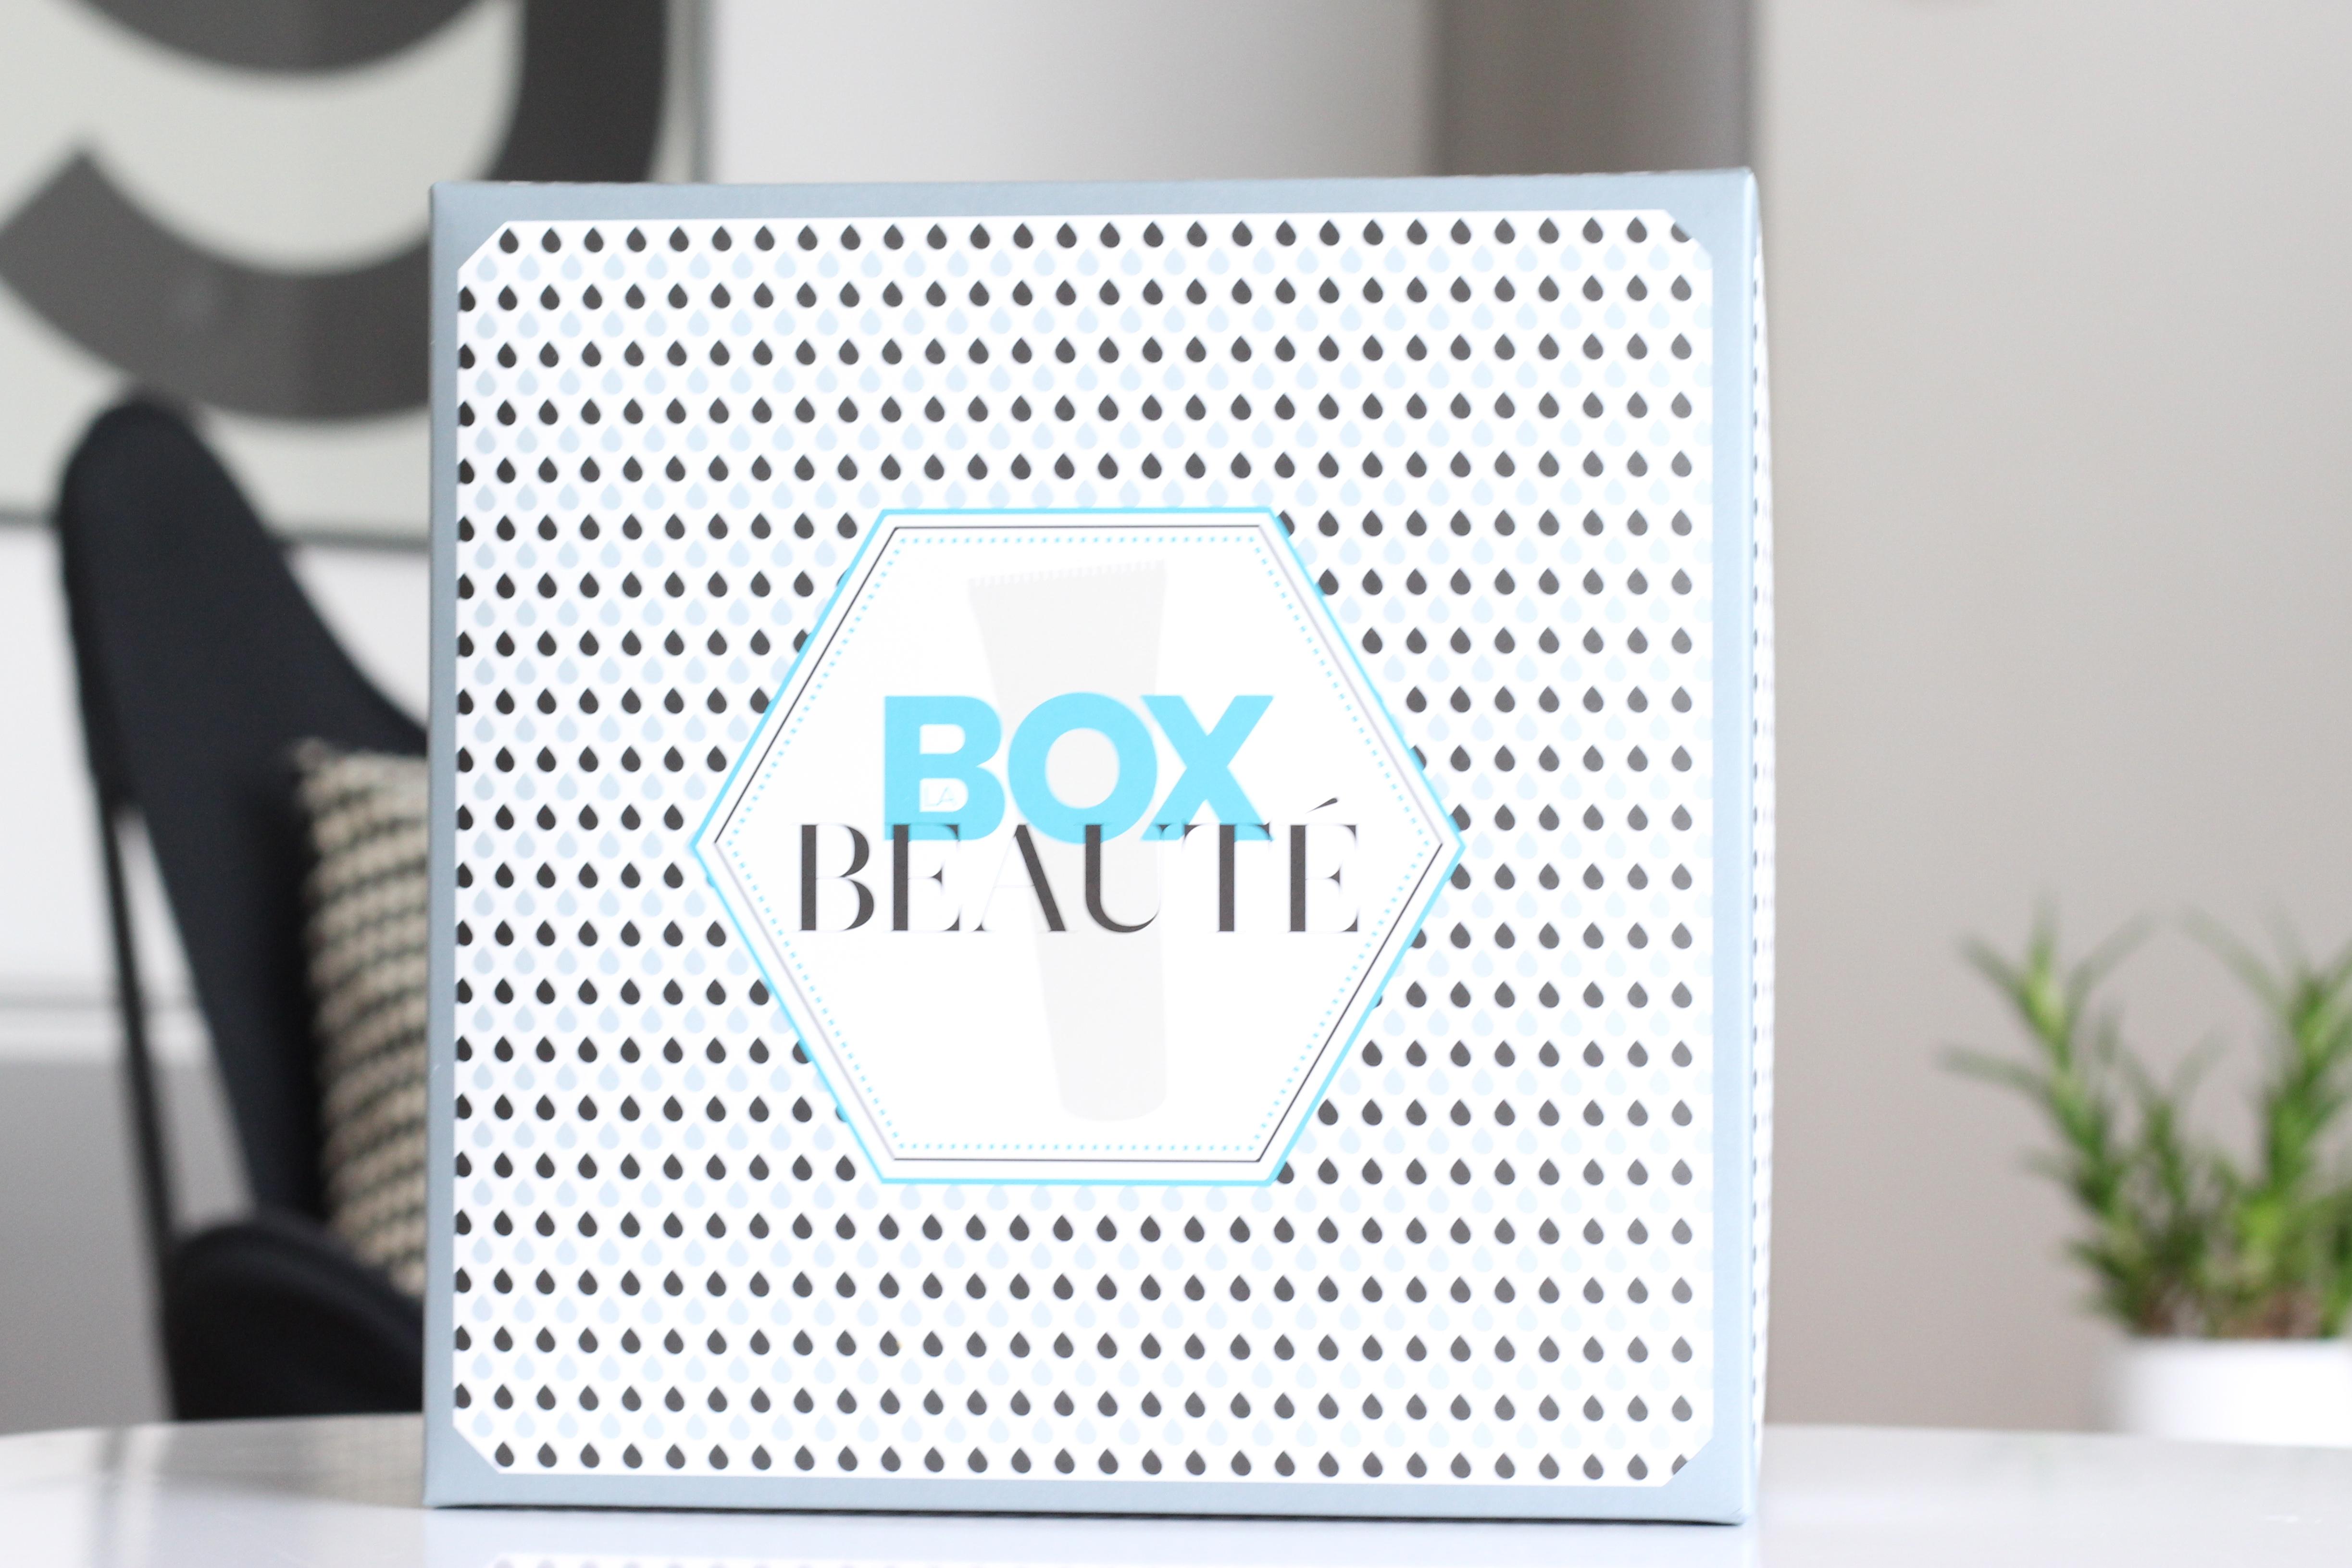 box beaut par marie claire aur lie malau blog mode beaut lifestyle. Black Bedroom Furniture Sets. Home Design Ideas